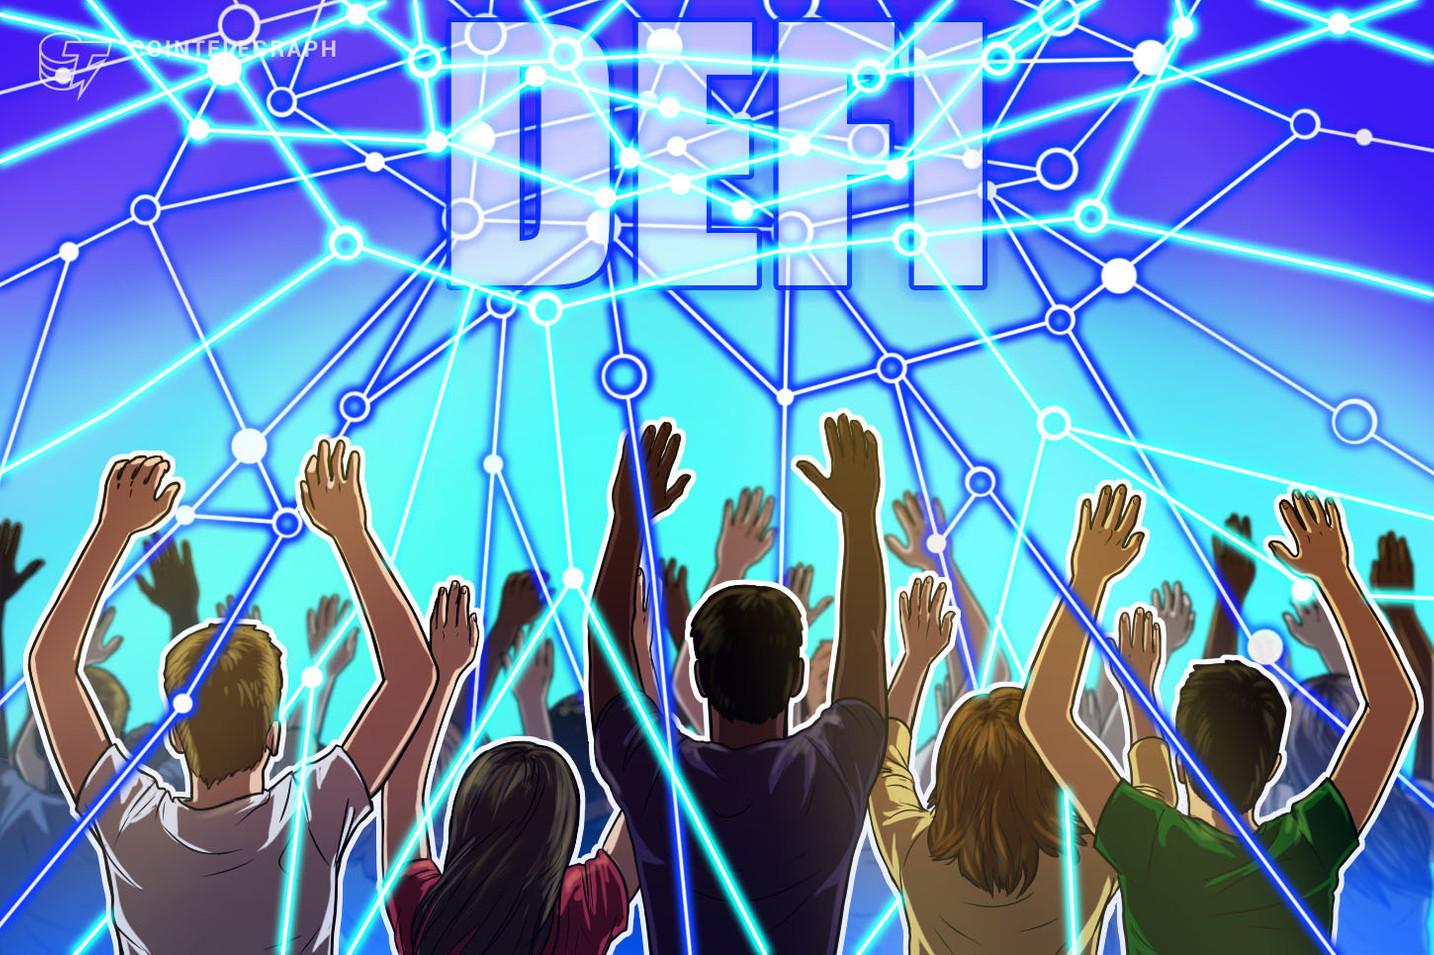 DeFi sektöründe yükselenler düşenler - Harvest Finance - Flexa | 22 Ekim